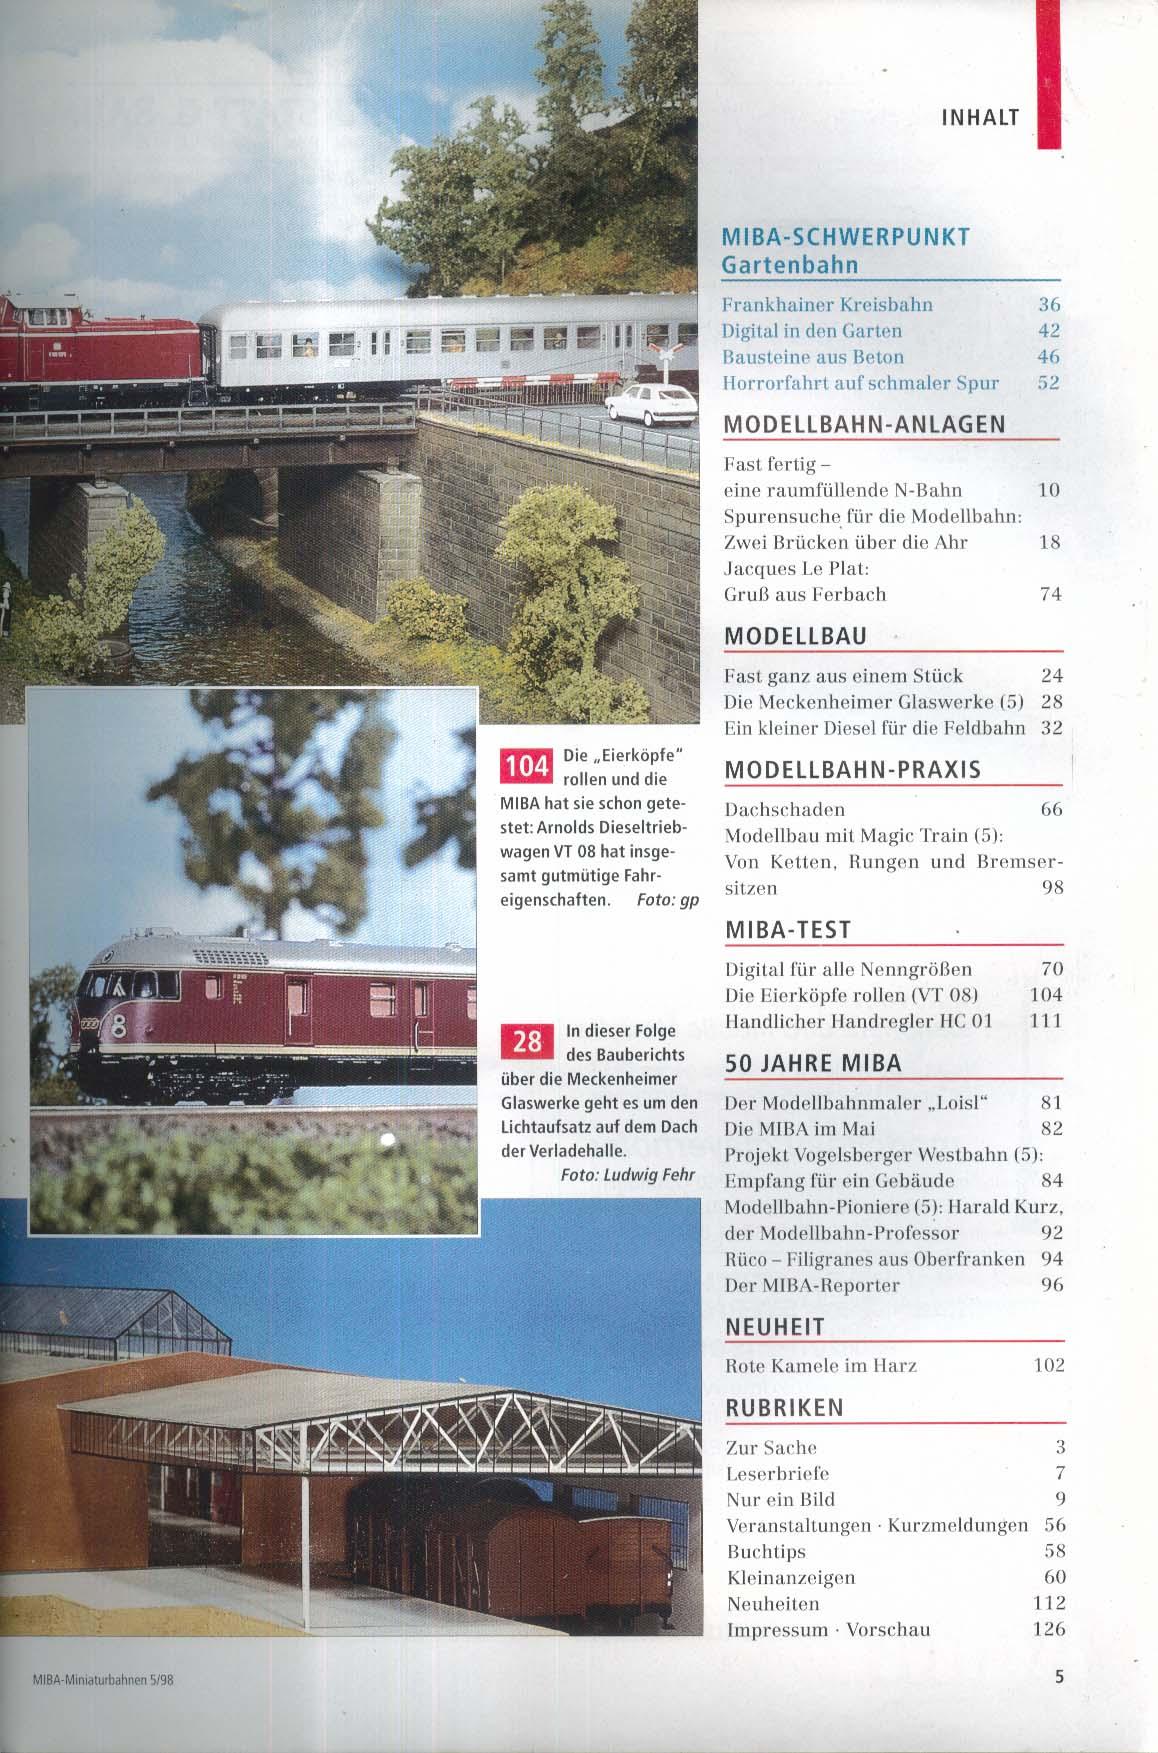 MIBA-Miniaturbahnen German-language model train magazine Brucken uber Ahr 5 1998